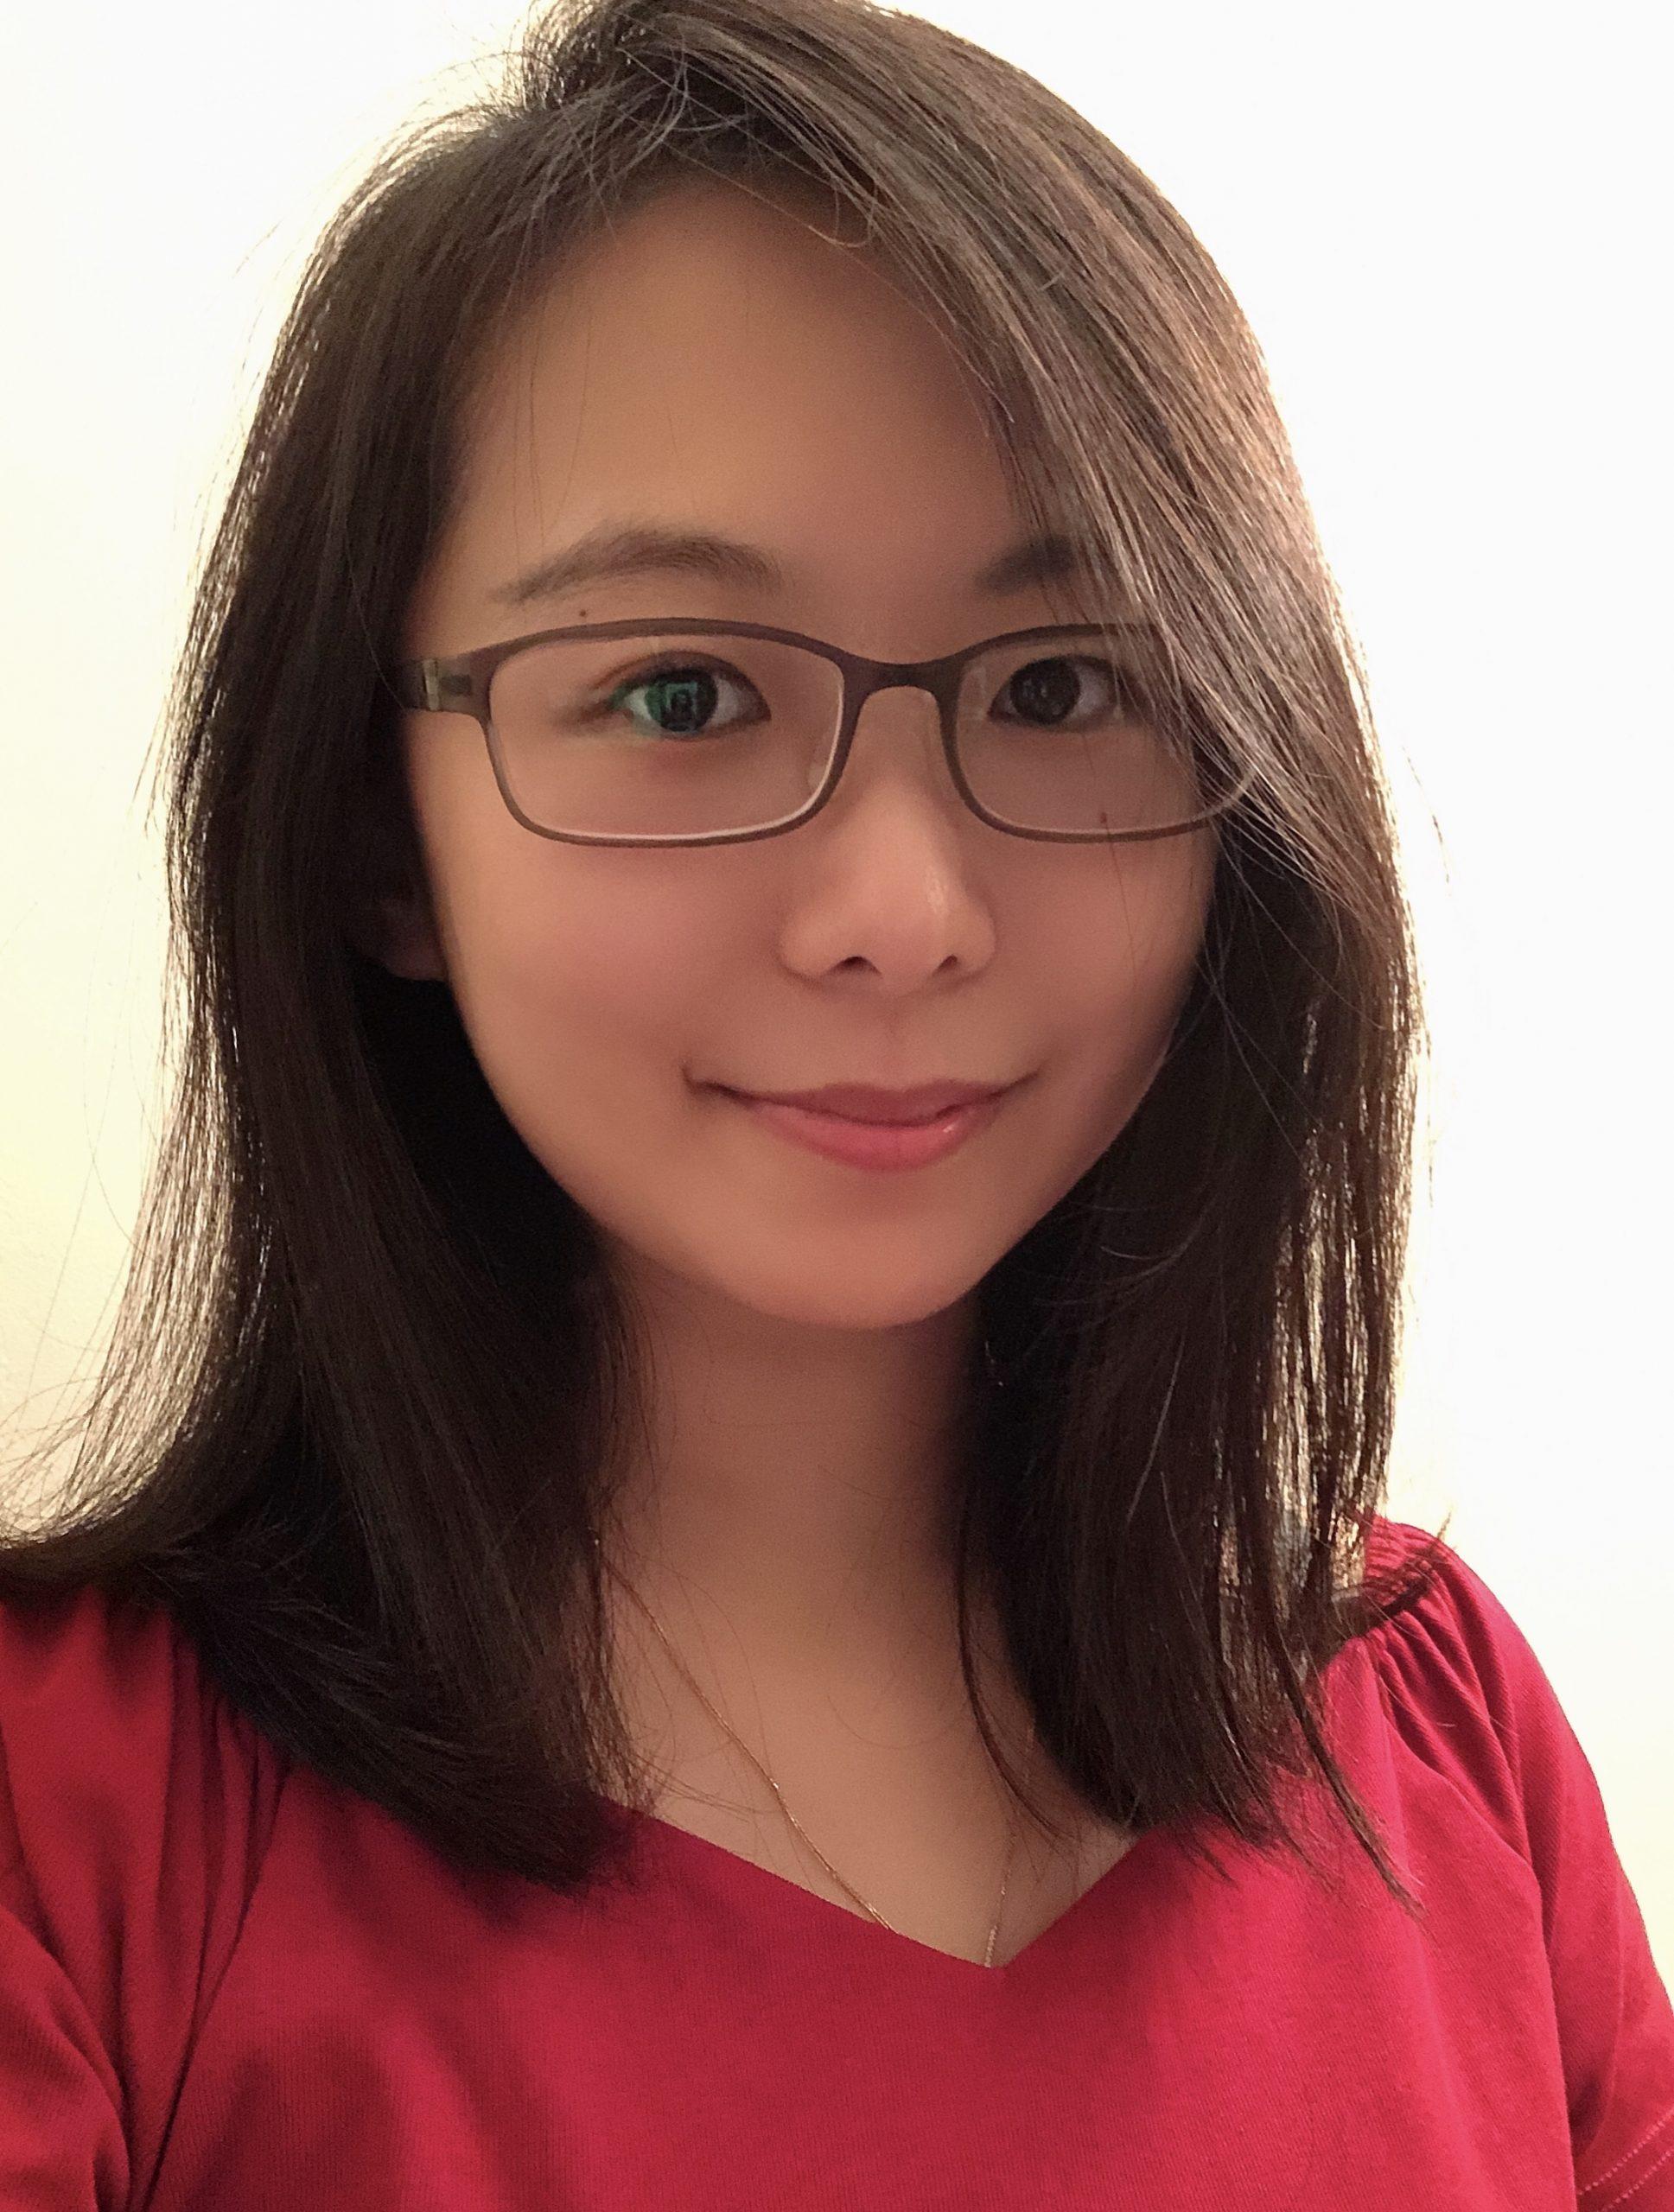 Jianing_Wang